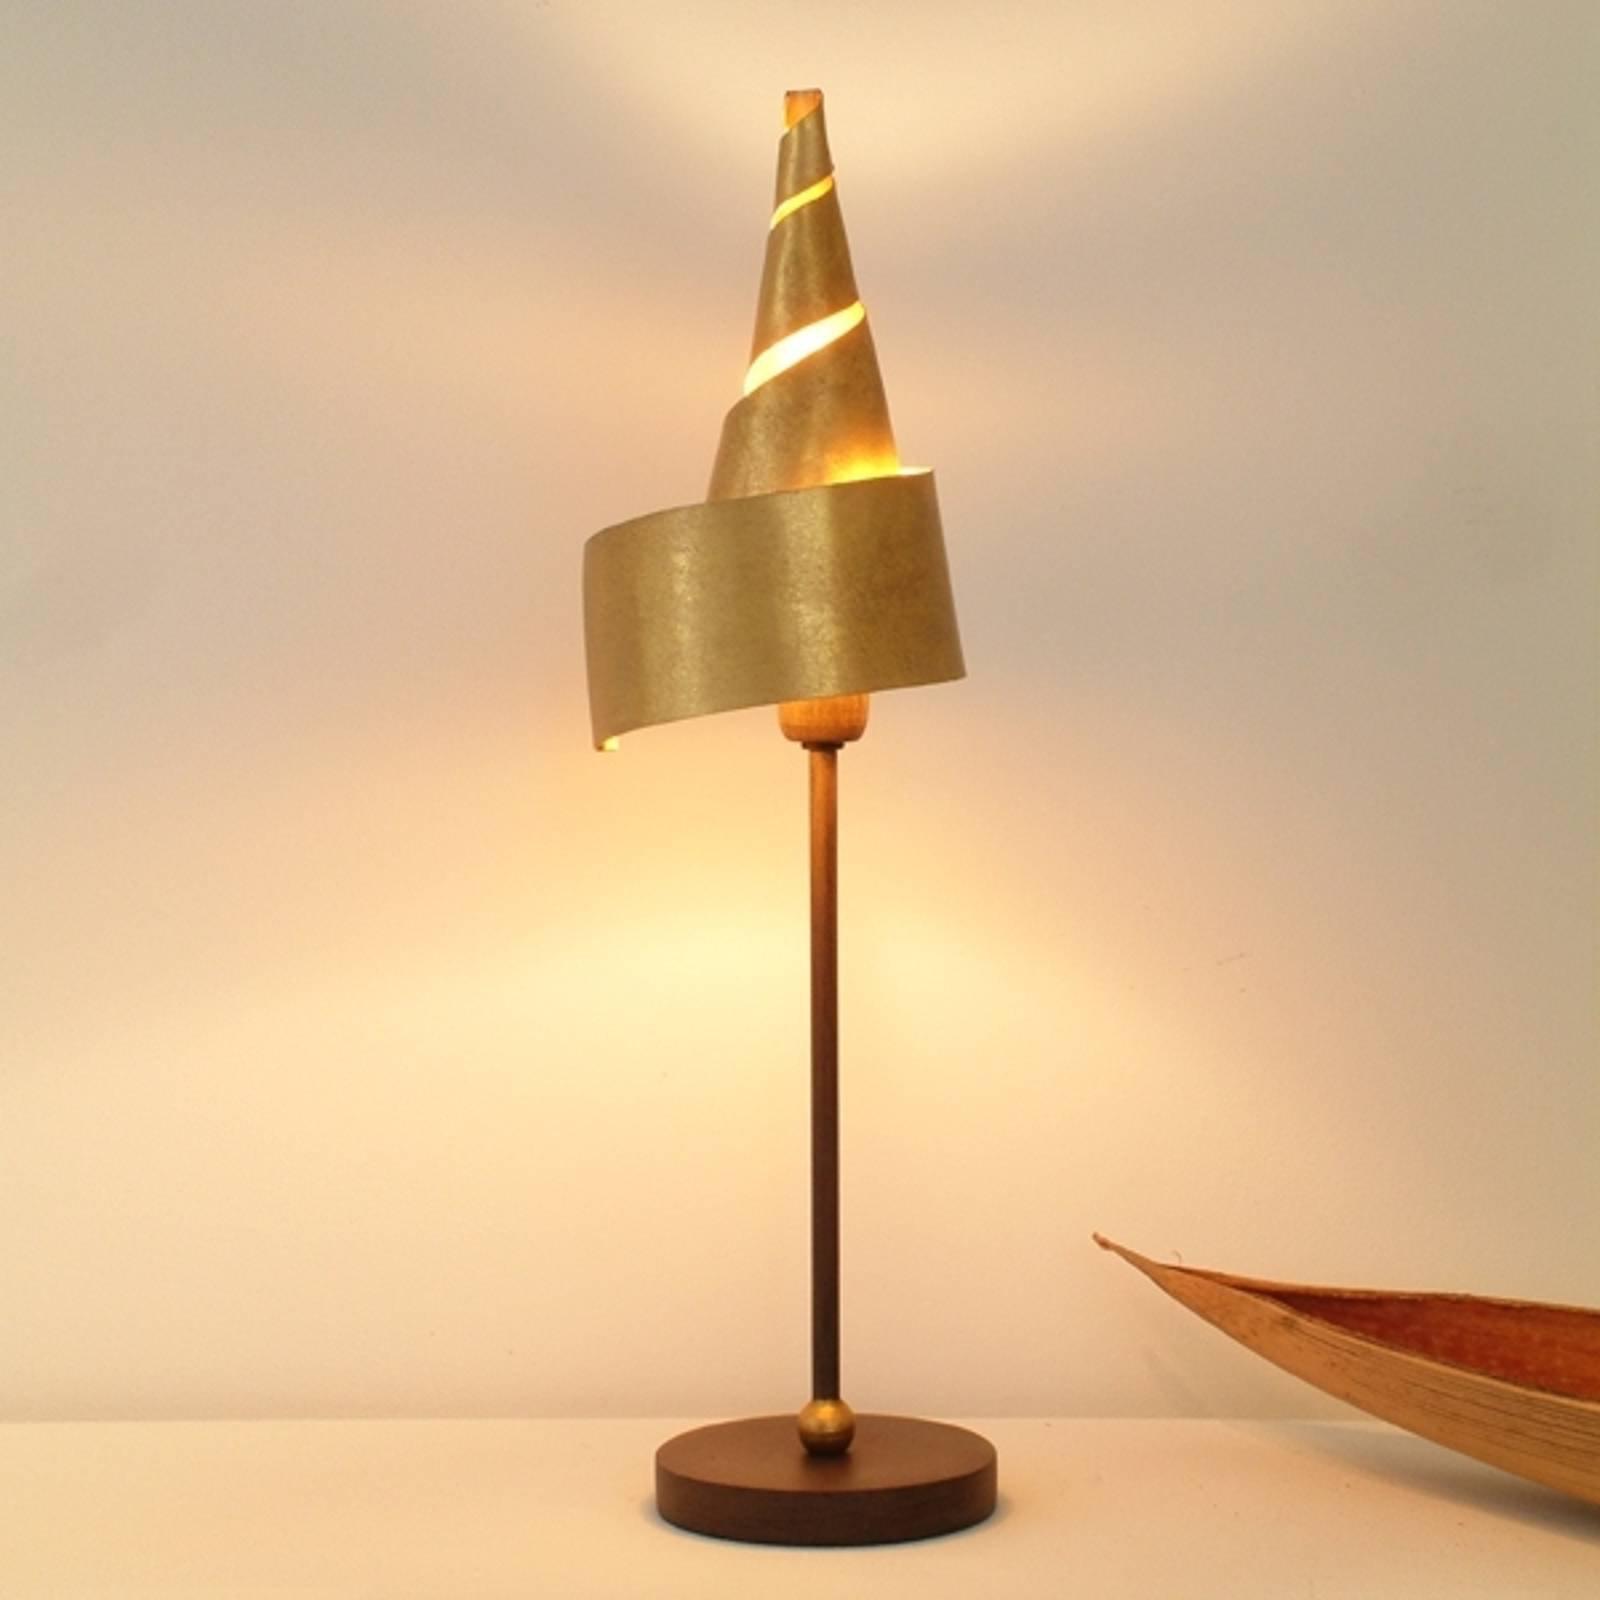 Gyllen ZAUBERHUT bordlampe med metallskjerm